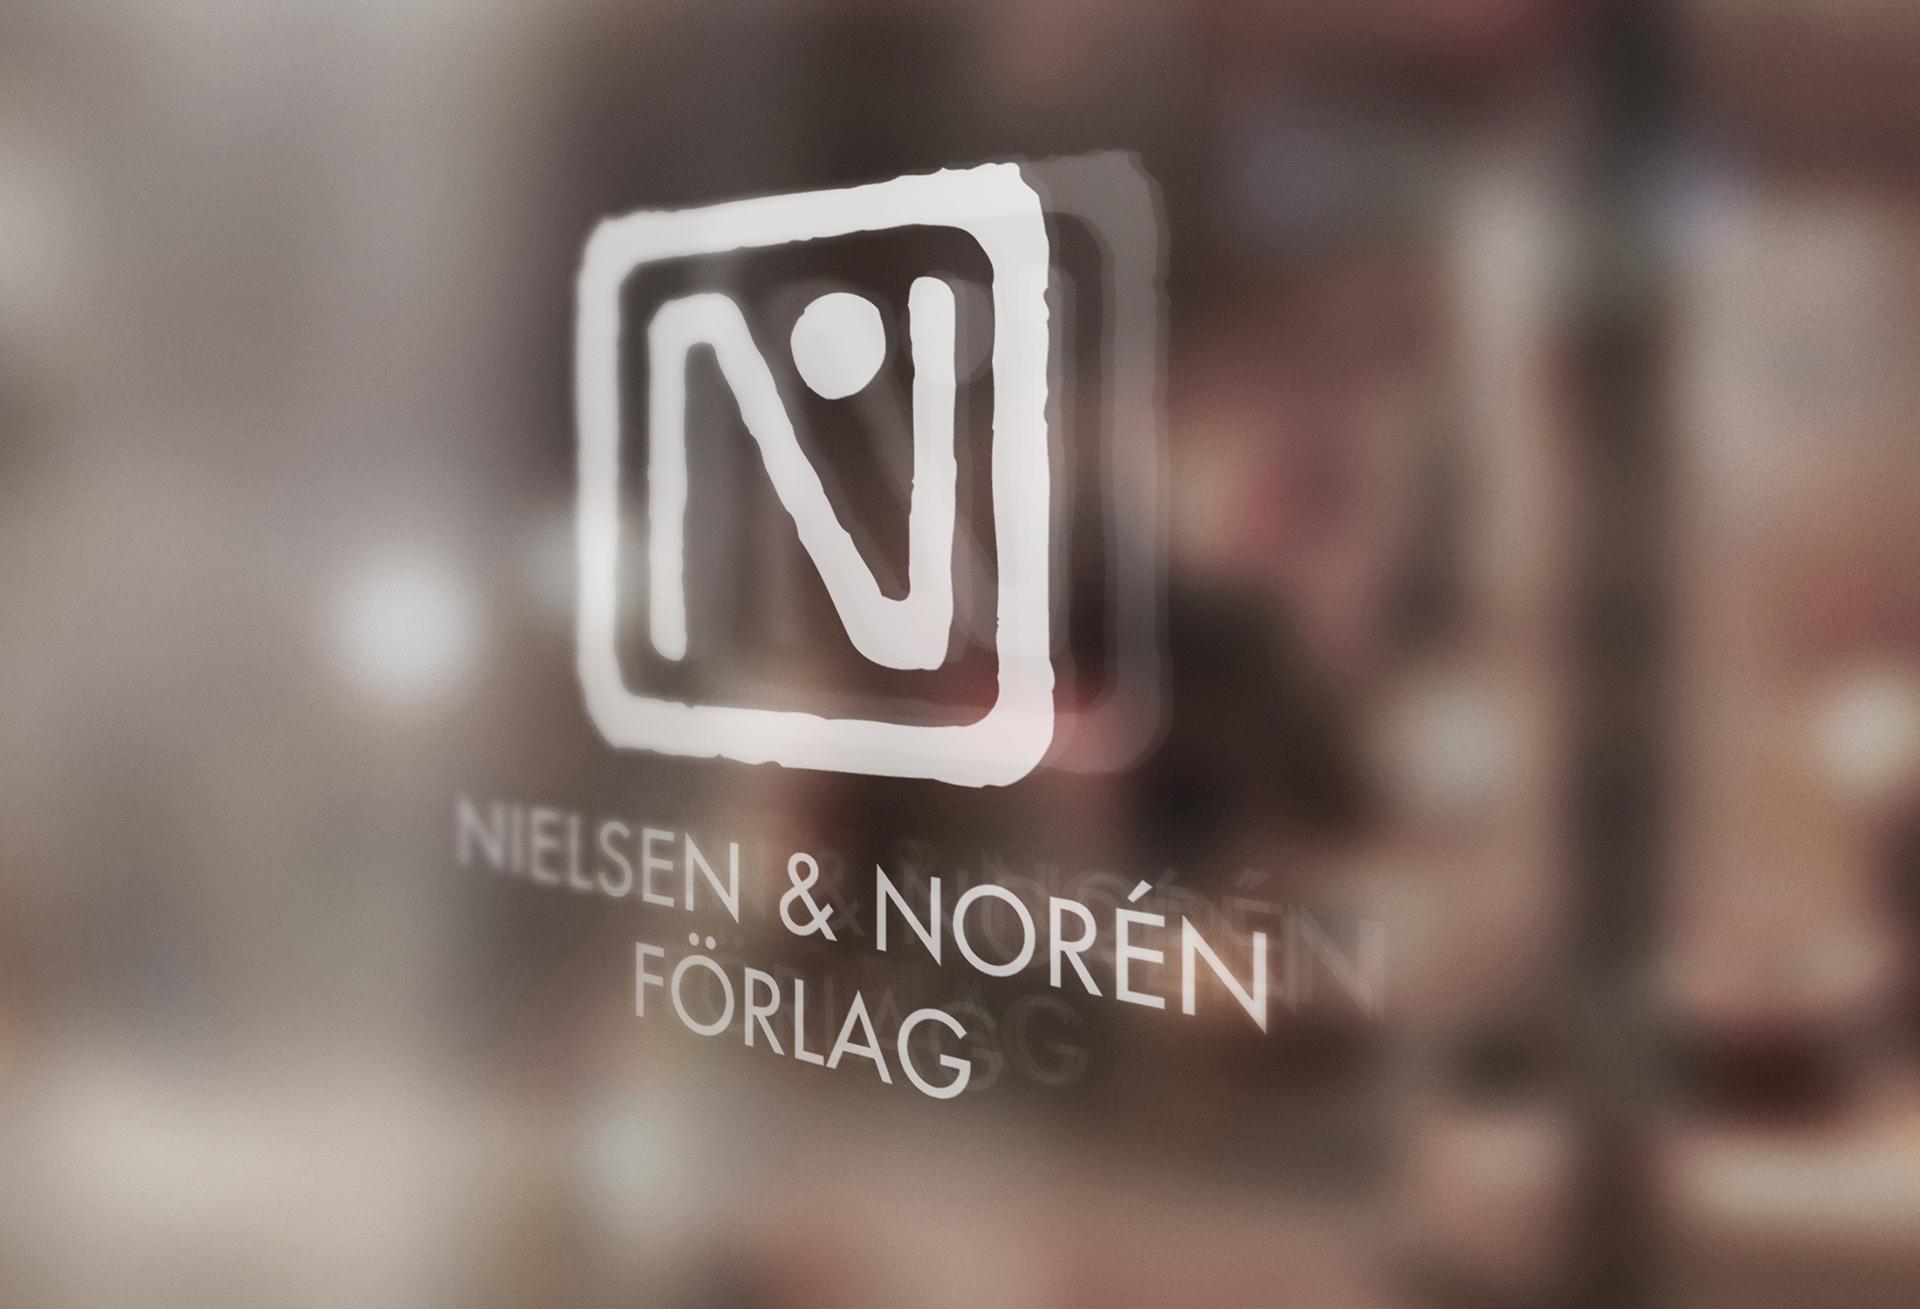 N&N window